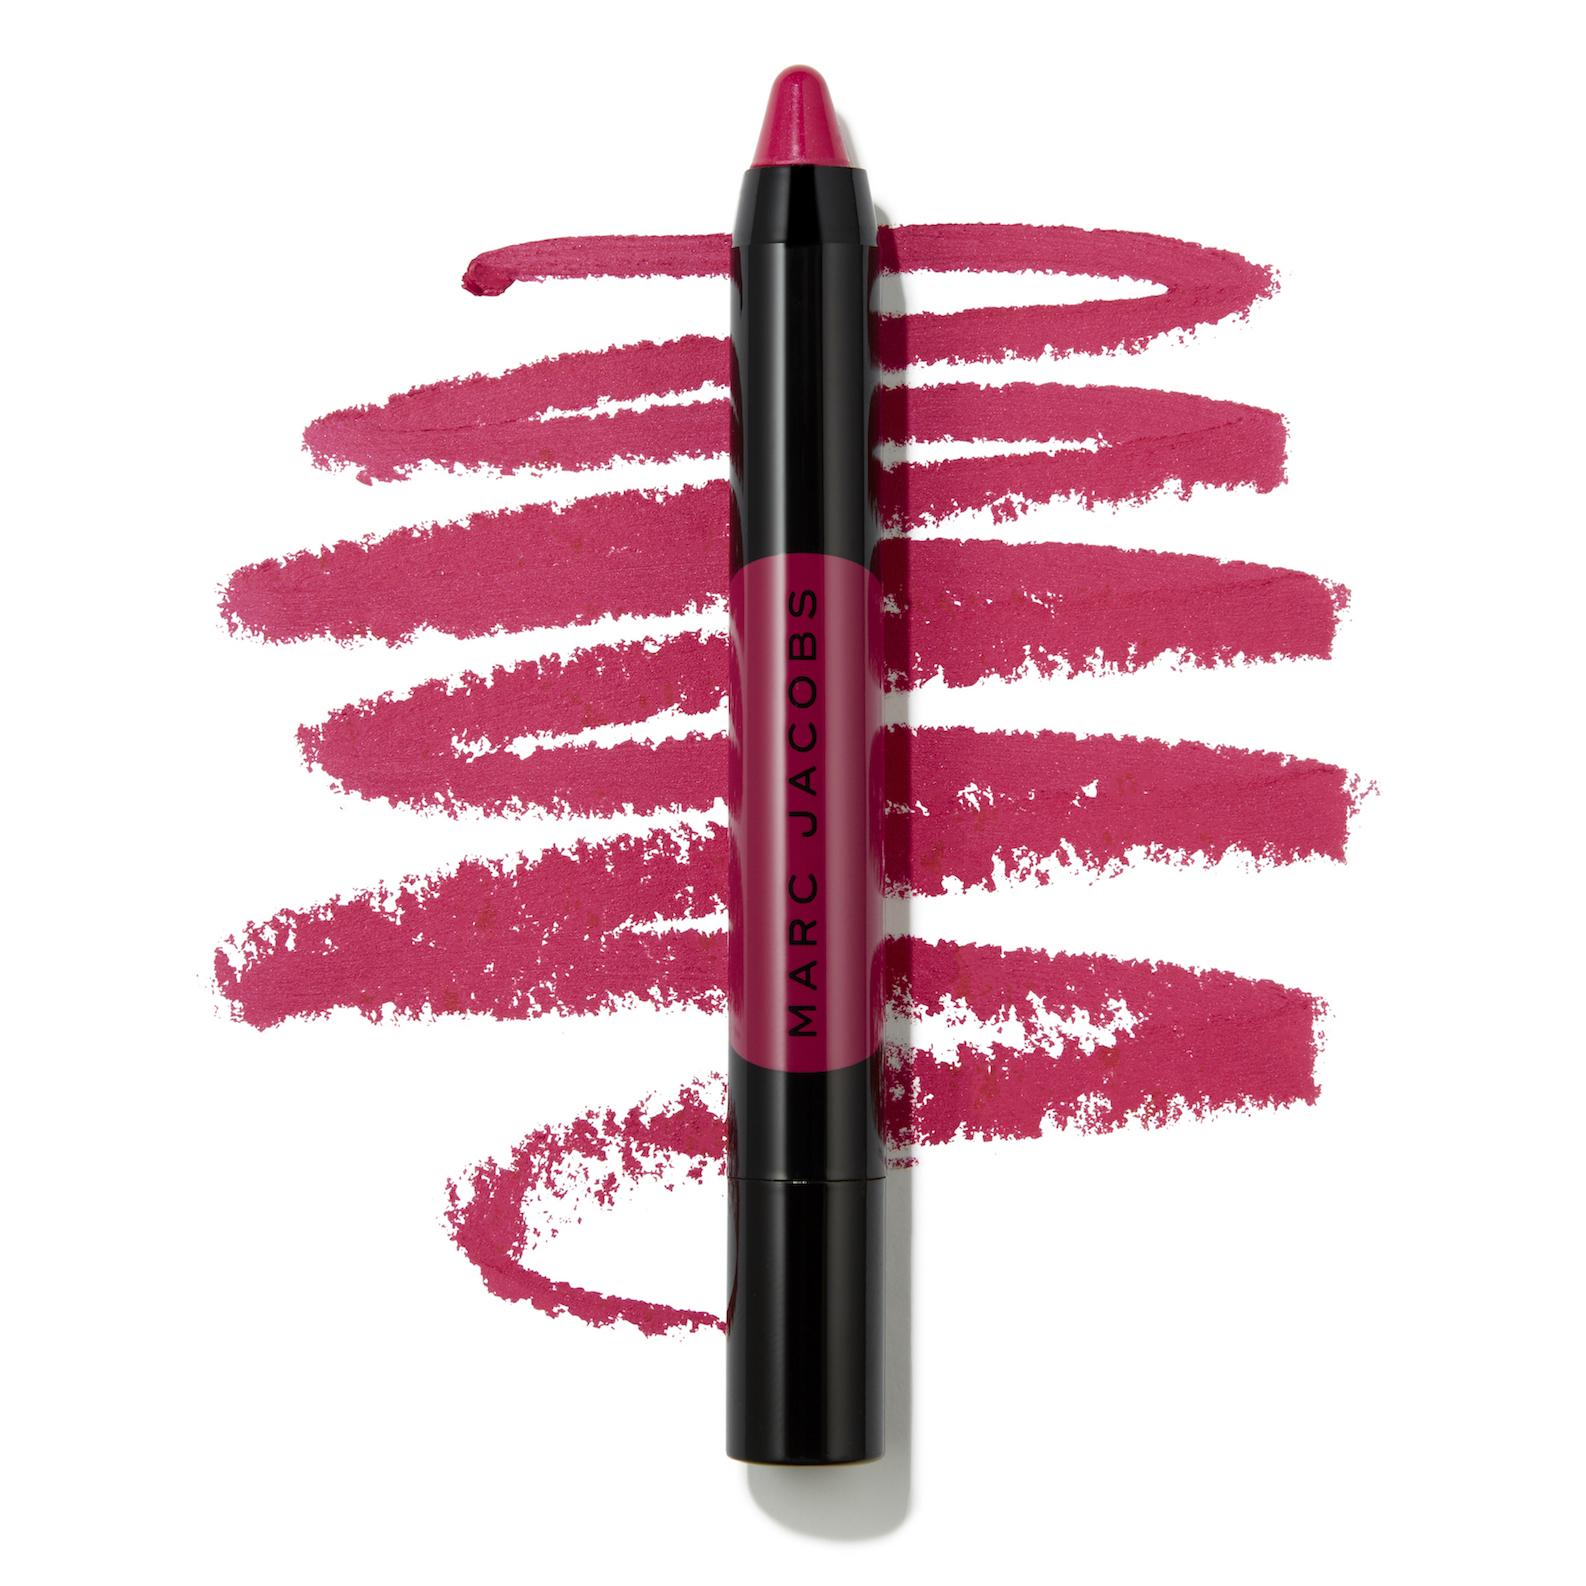 Marc Jacobs Beauty Le Marc Liquid Lip Crayon - Fram Bois Swatch - AED 125